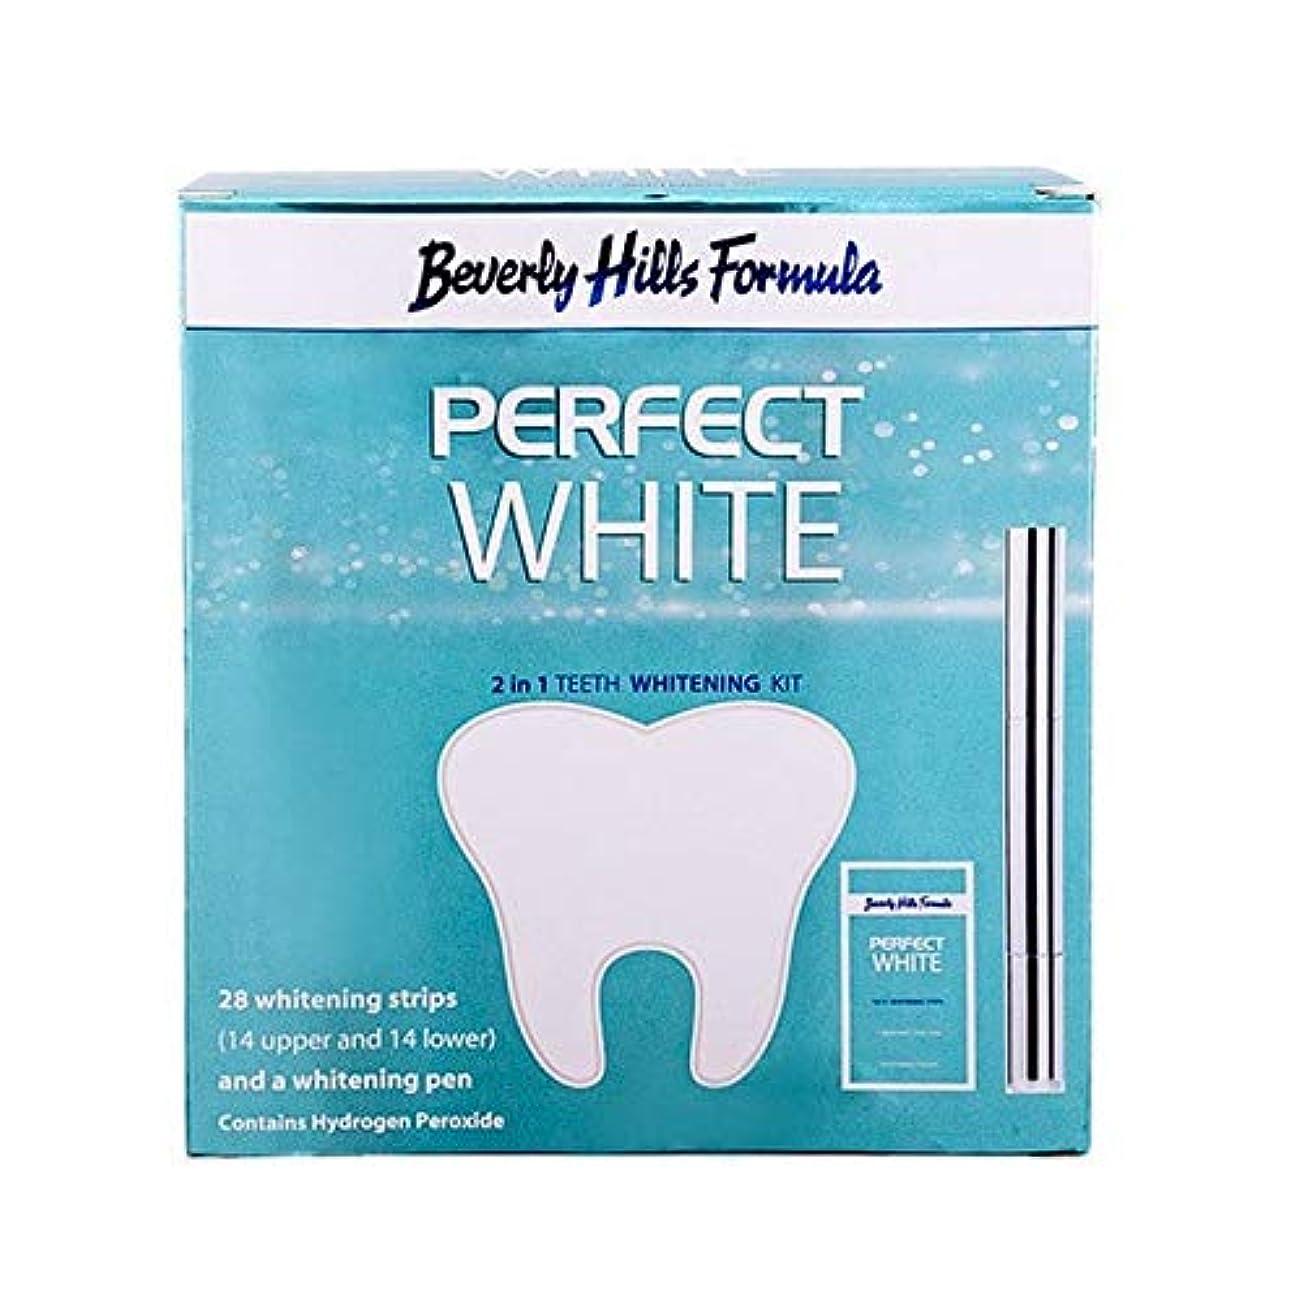 密接に参照する絶えず[Beverly Hills ] ビバリーヒルズ公式パーフェクトホワイト2 1でホワイトニングキット - Beverly Hills Formula Perfect White 2 in 1 Whitening kit...